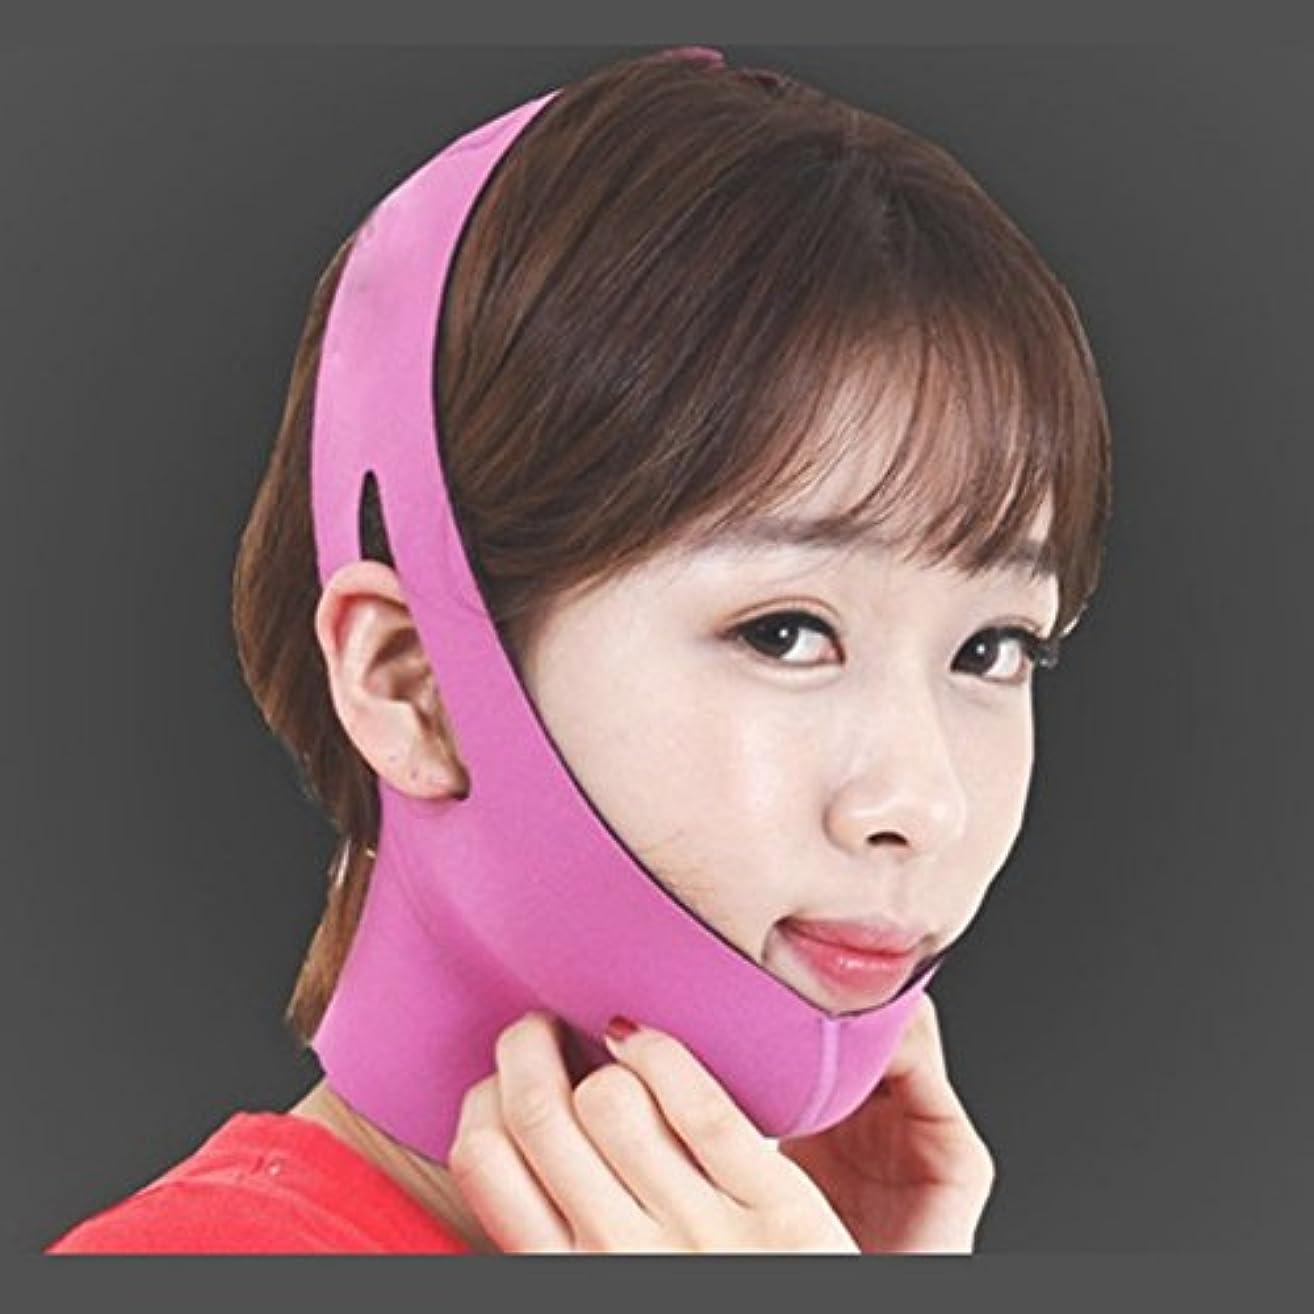 実用的上回るアッパーJCL フェイスラインベルト 小顔補正ベルト フェイスアップベルト 寝ながら小顔矯正ベルト フリーサイズ (オレンジ)